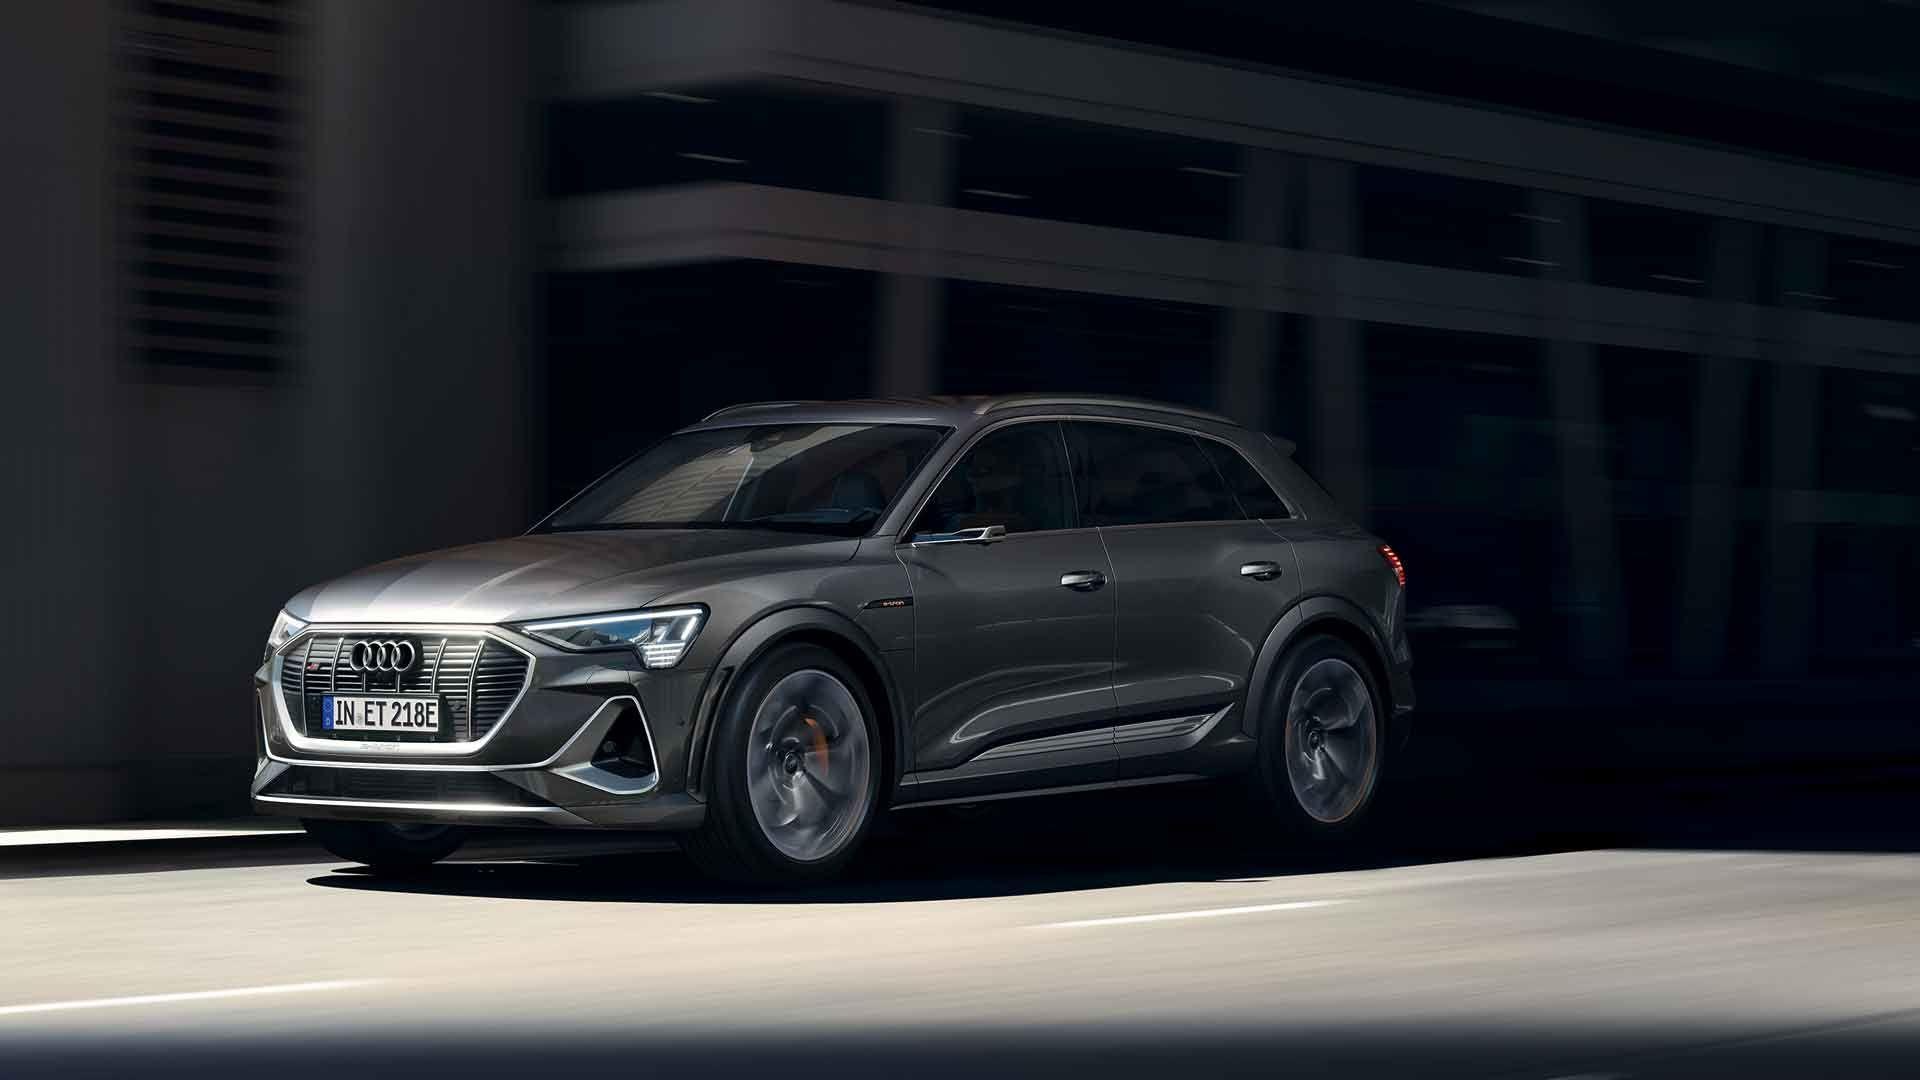 Audi lanserer ny versjon av e-tron med tre motorer